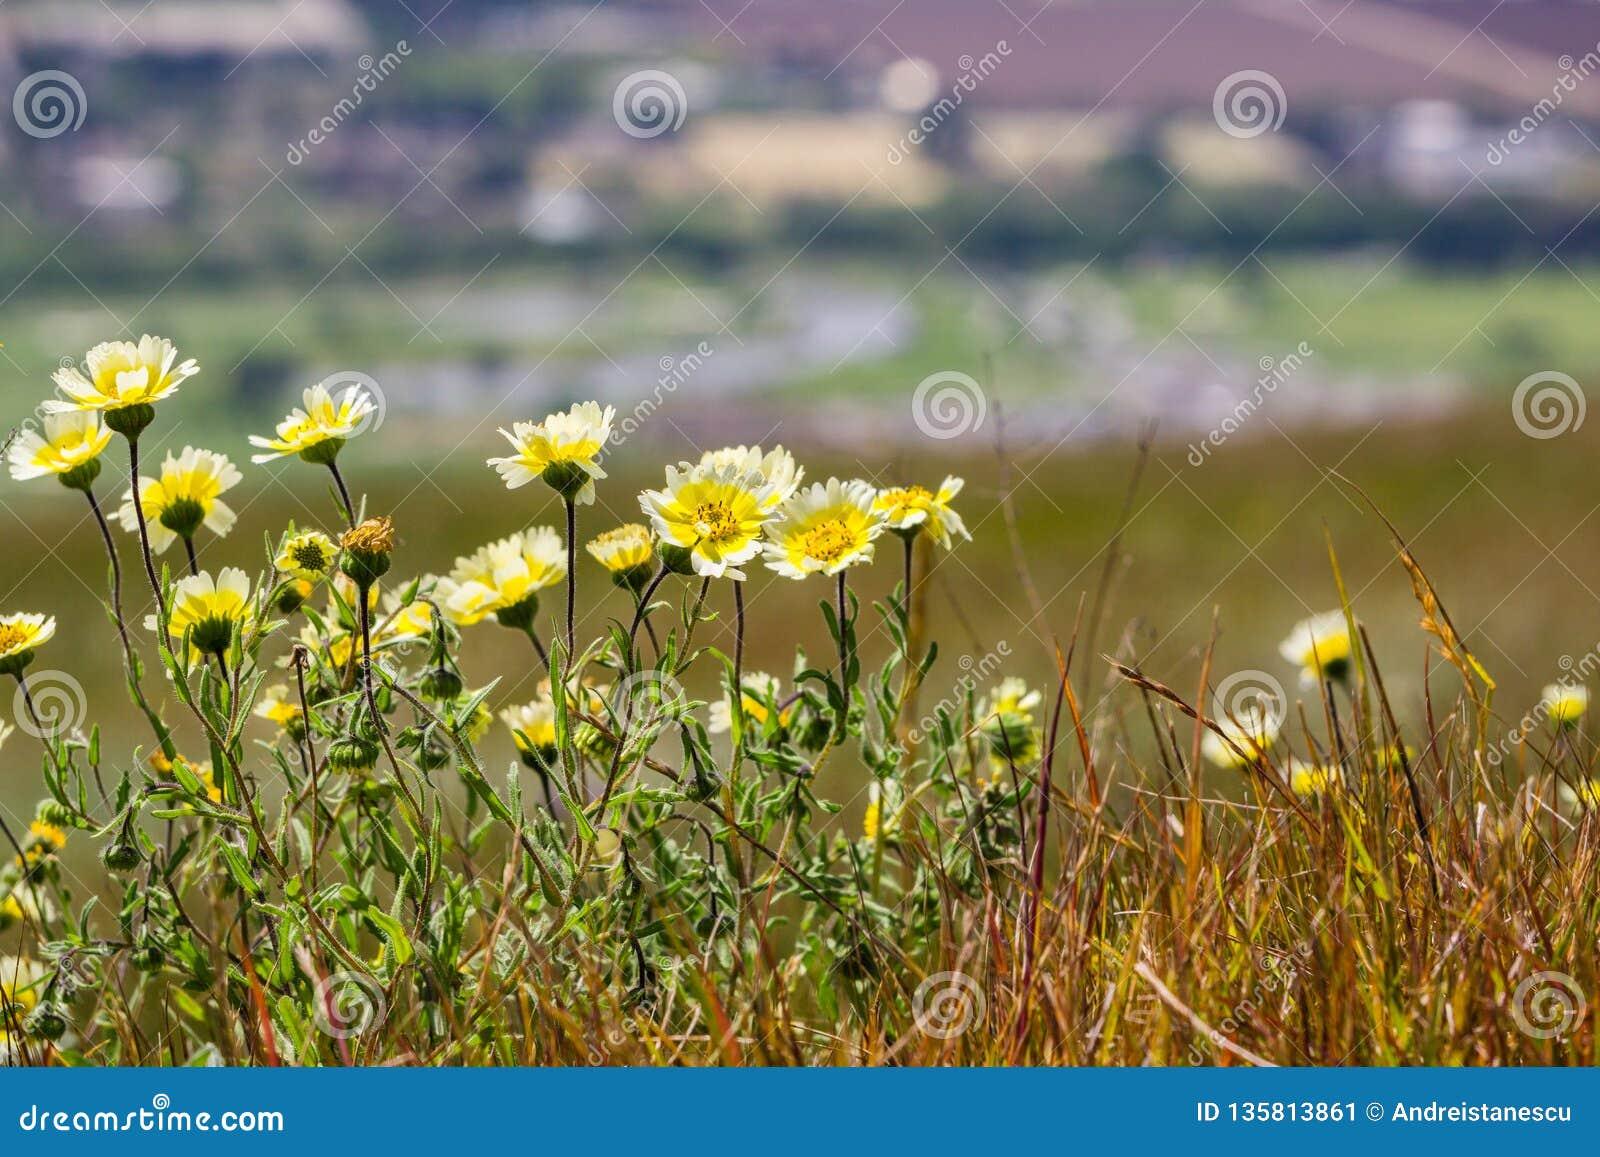 Wildflowers van Layiaplatyglossa riepen algemeen kusttidytips die op een heuvel groeien; vage stad op de achtergrond, Californië